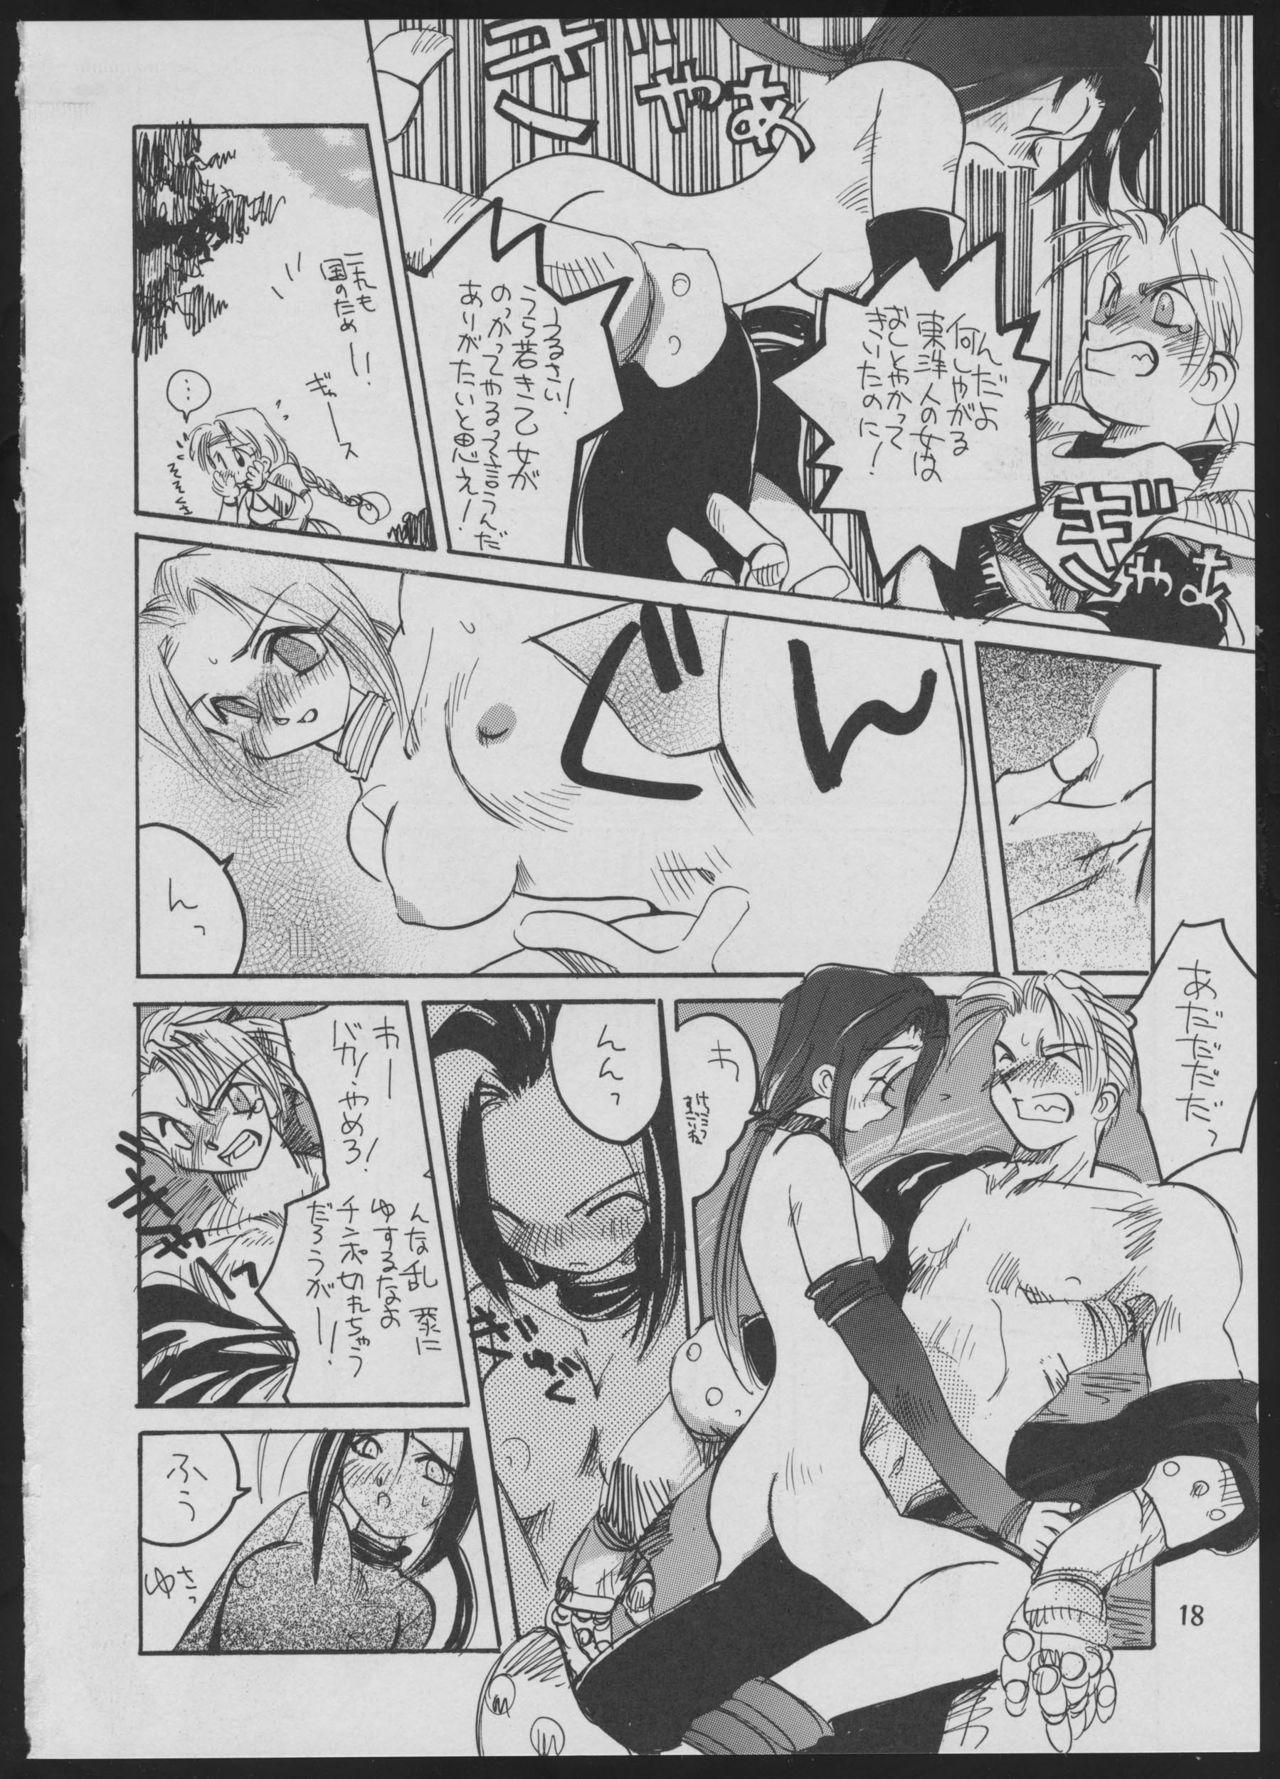 '96 Natsu no Game 18-kin Special 17